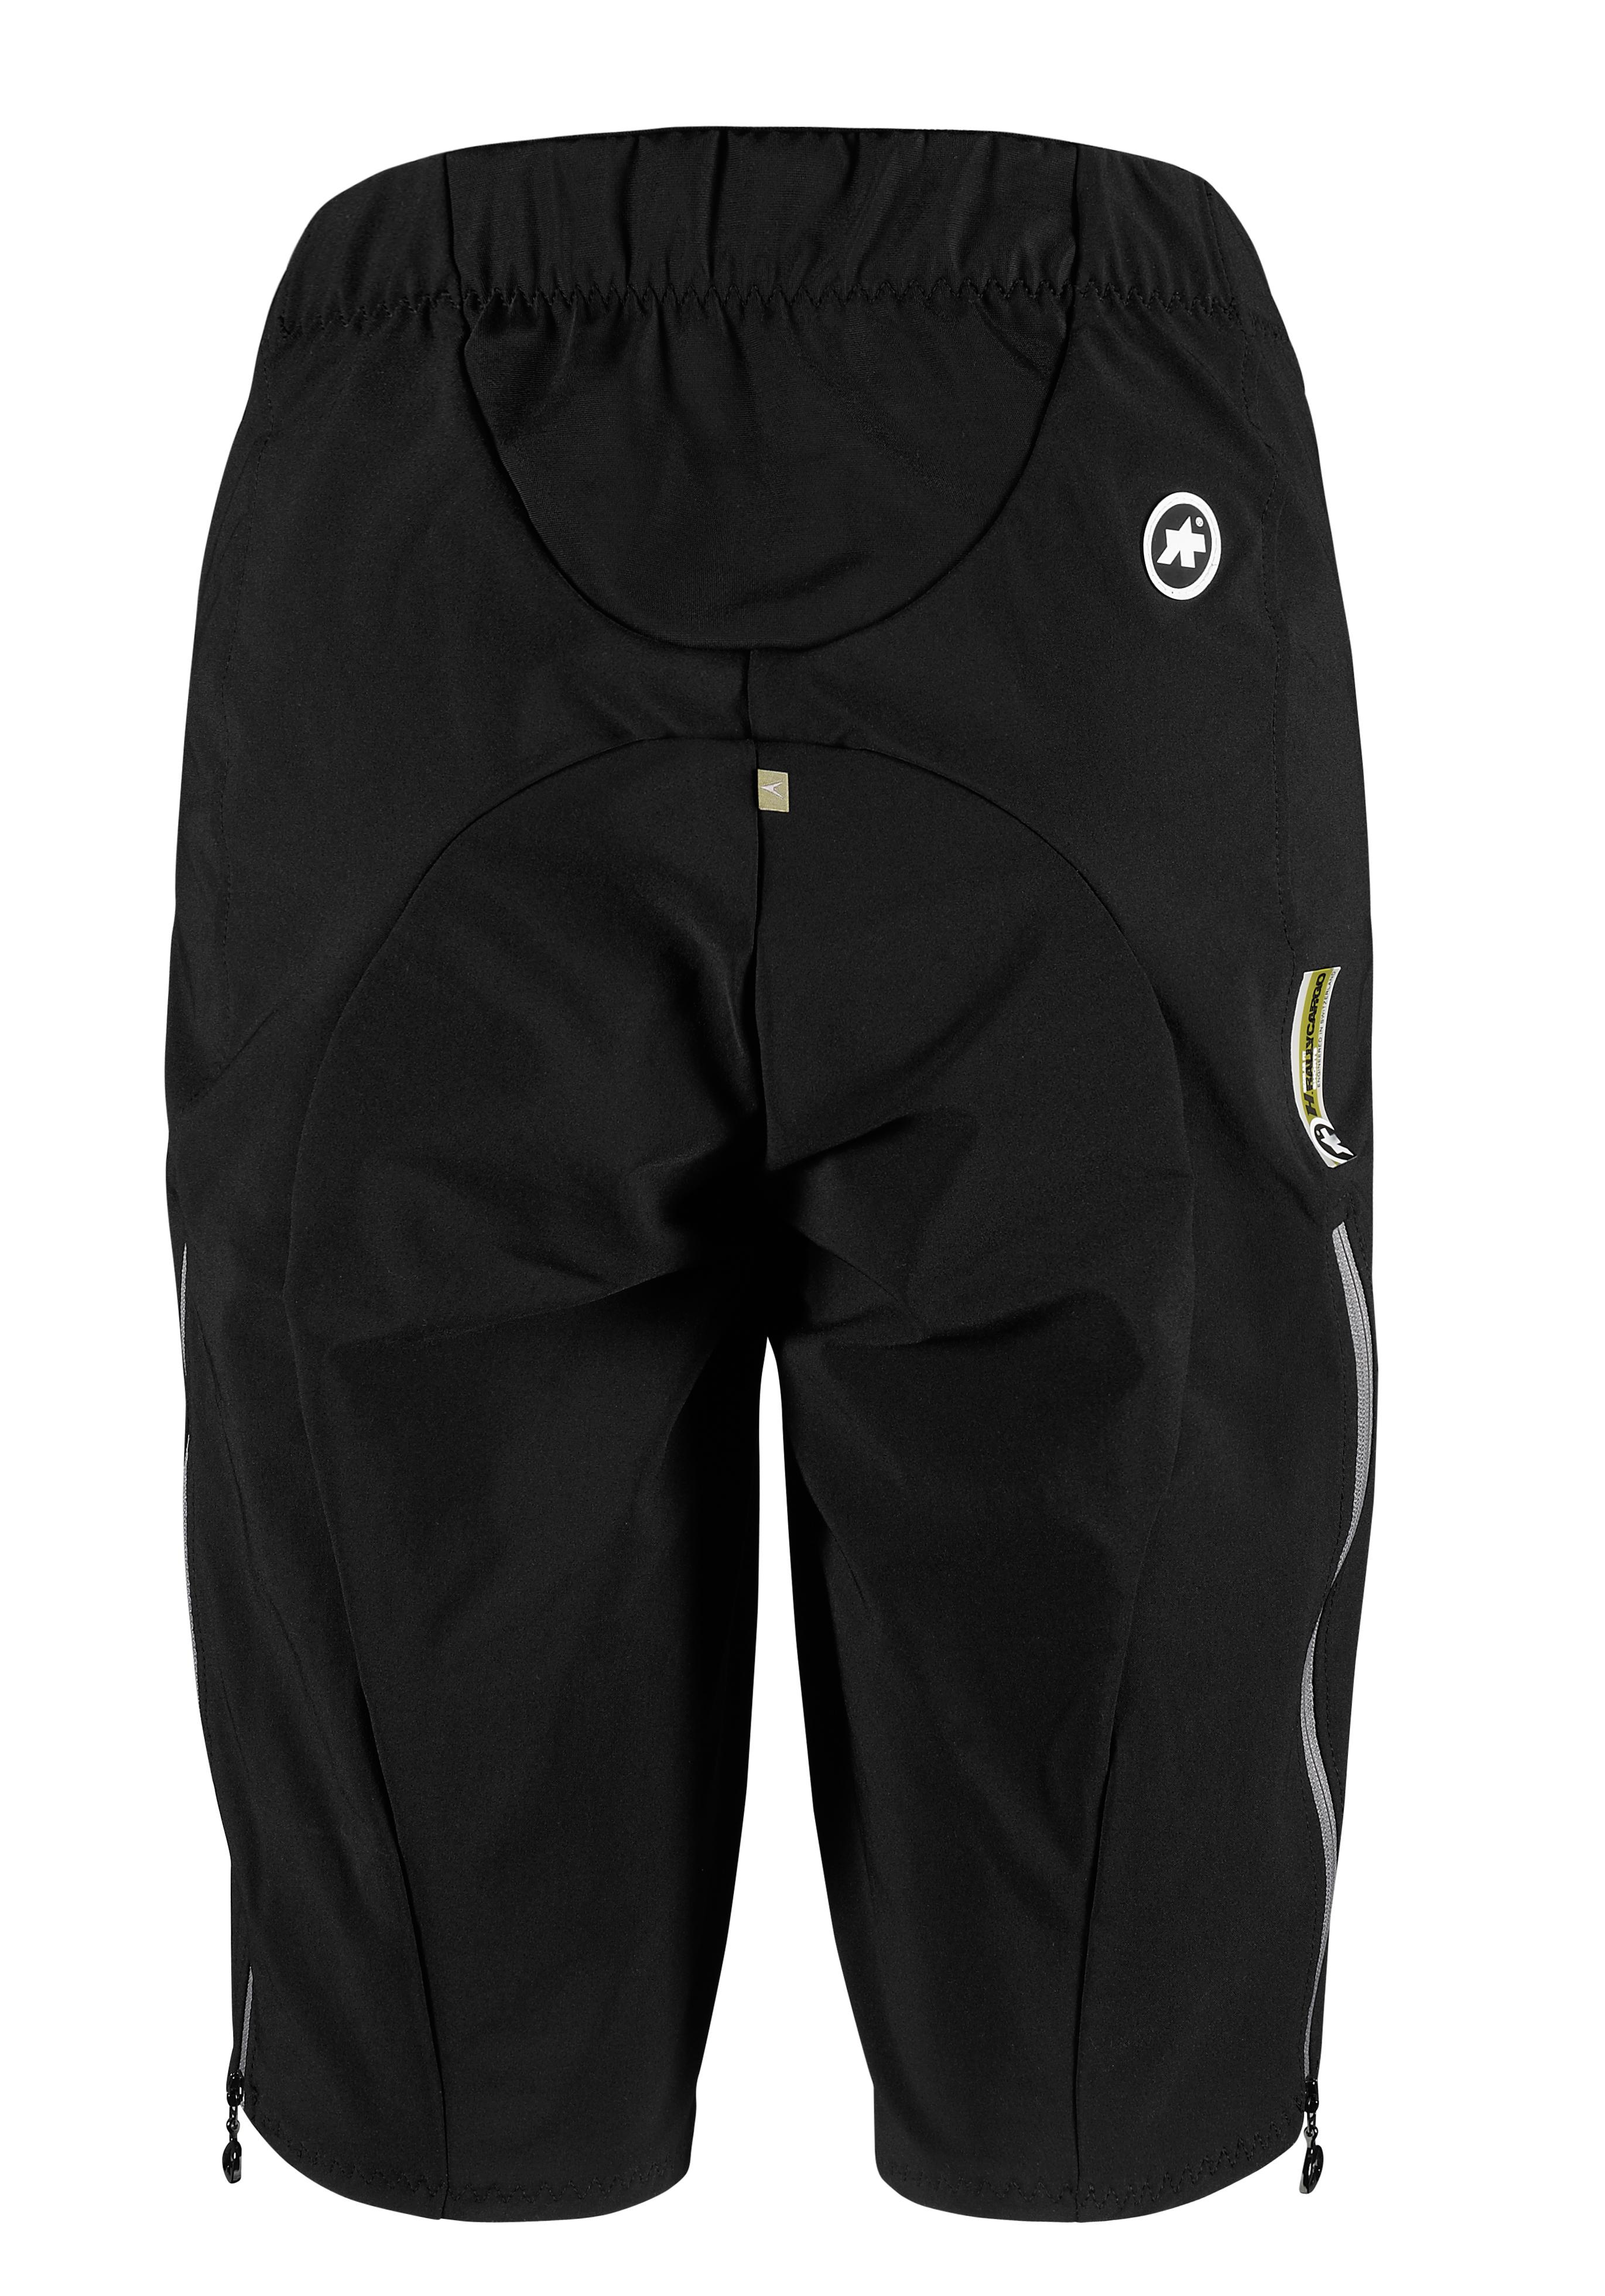 ... Vorschau  ASSOS RALLY Women s Cargo Shorts - Lady-MTB-Shorts- ... 978f12d93